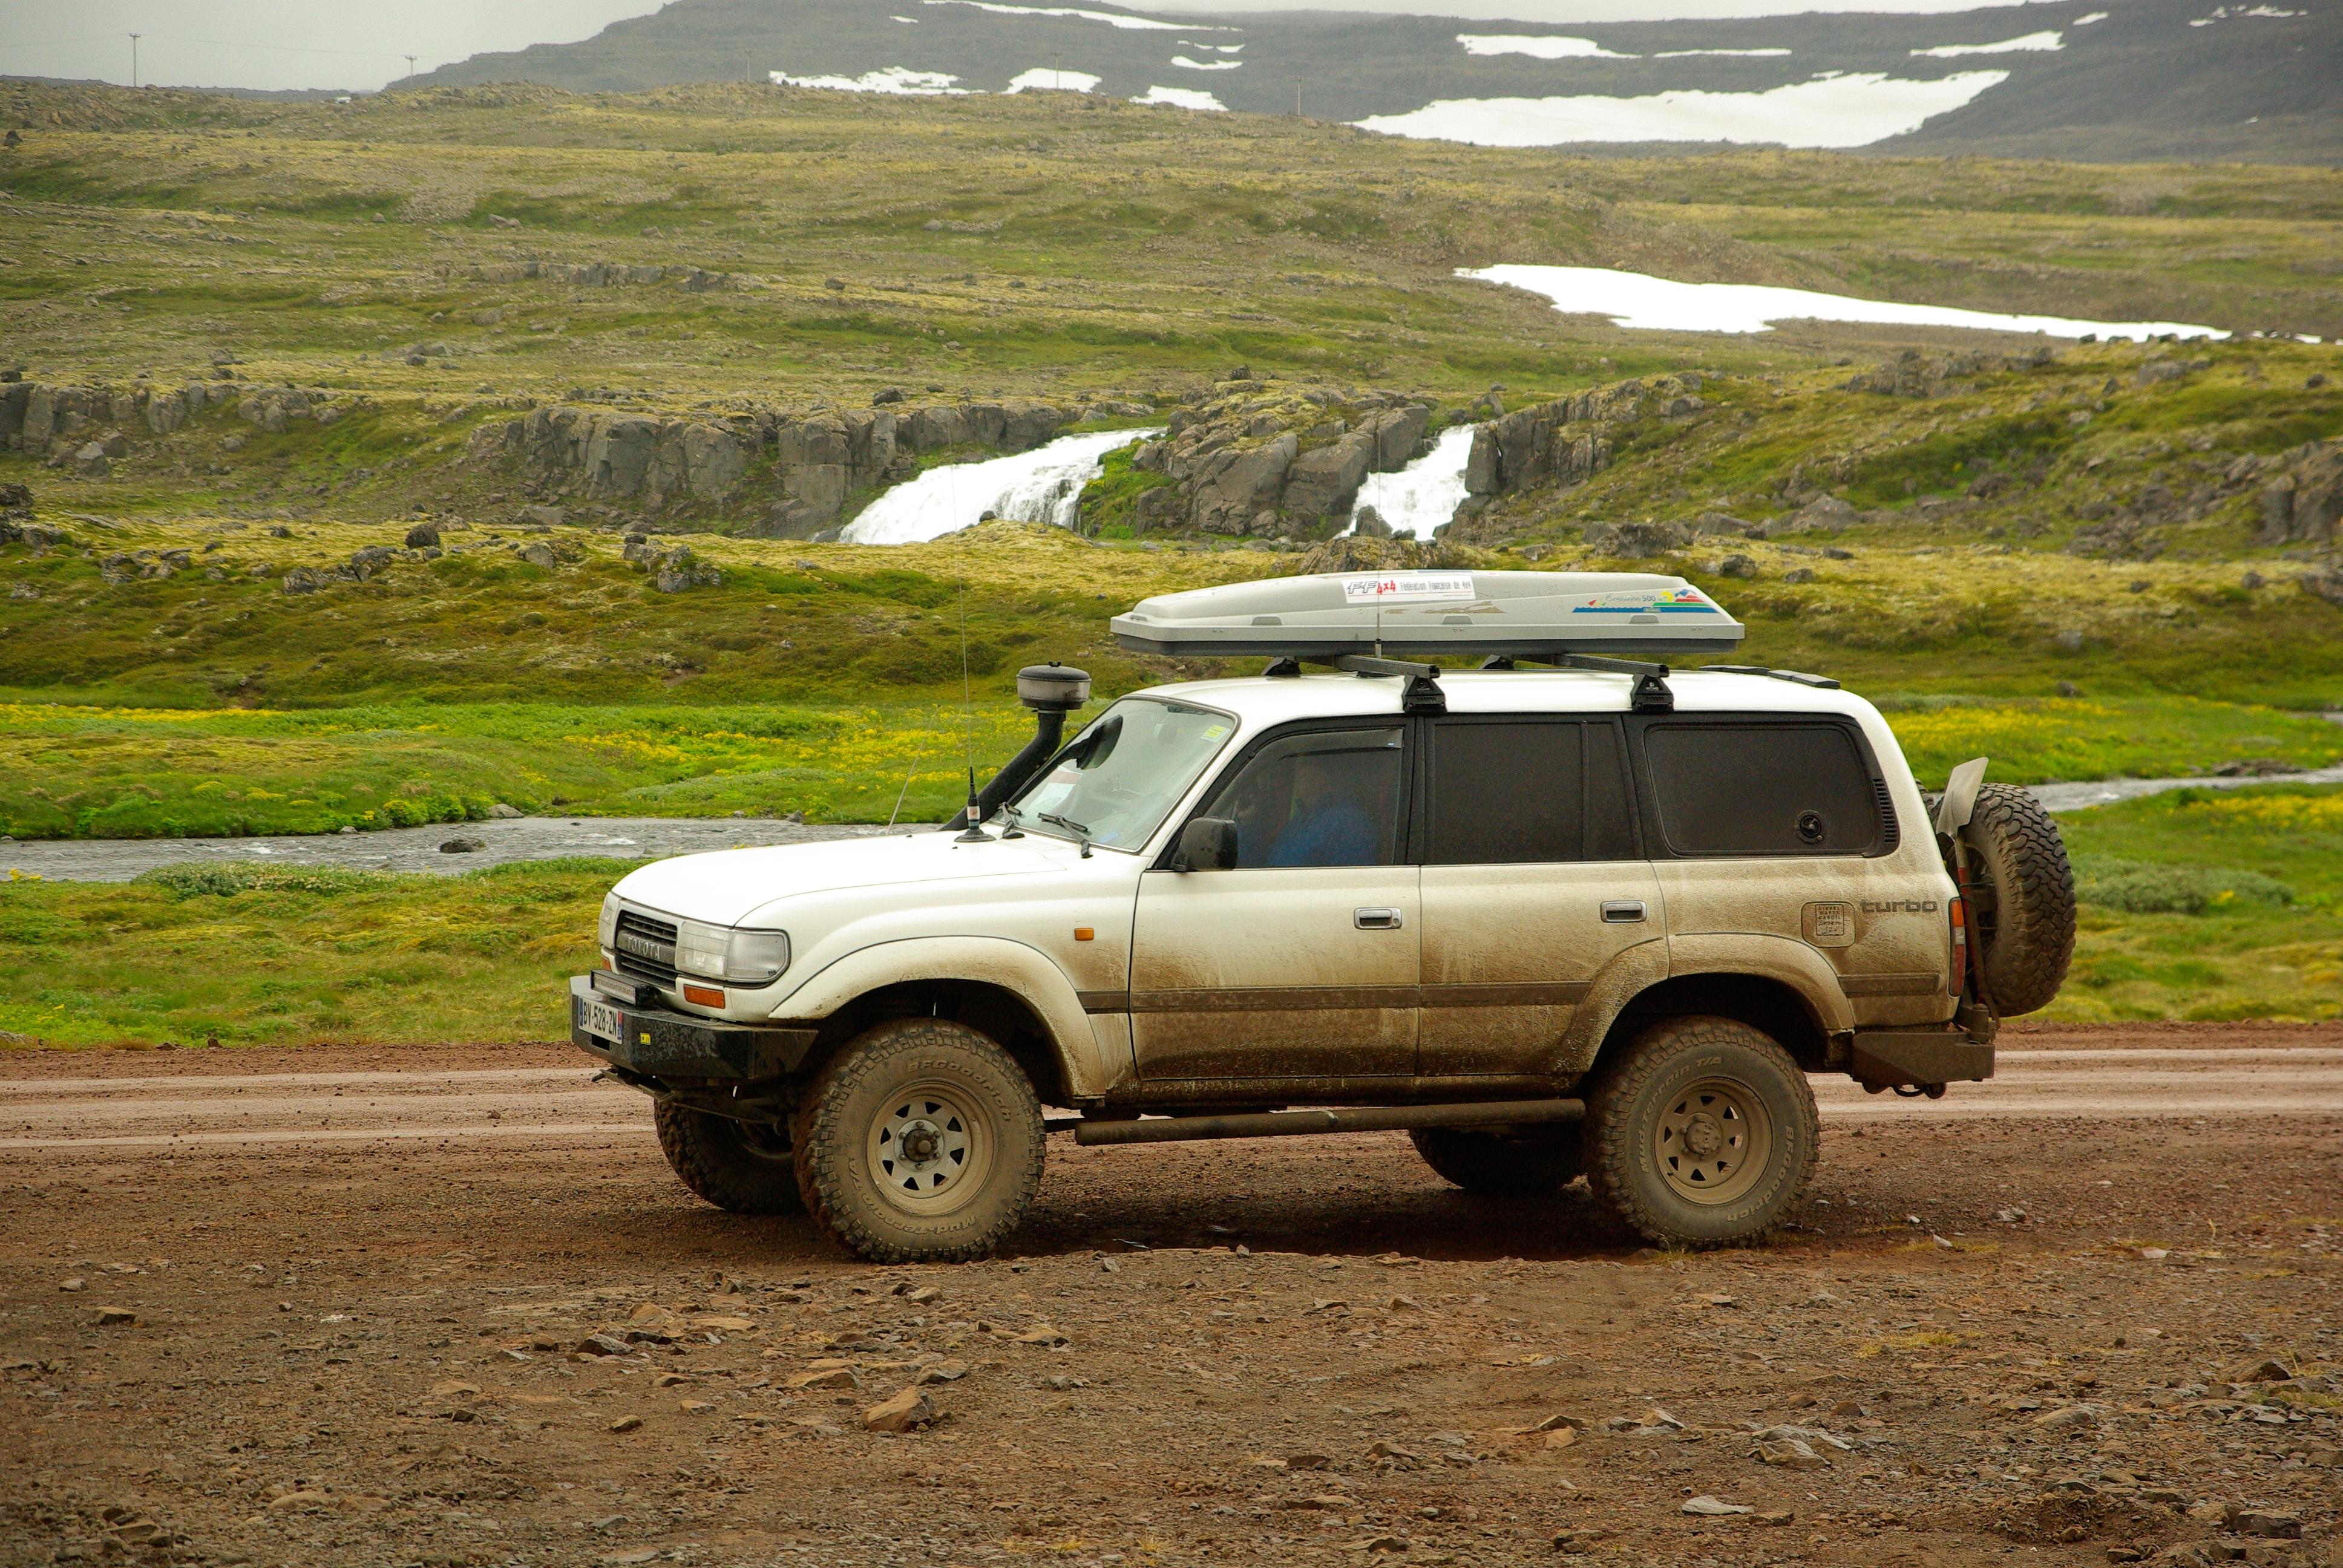 Fotos Gratis Pista Coche Aventuras Veh 237 Culo Islandia